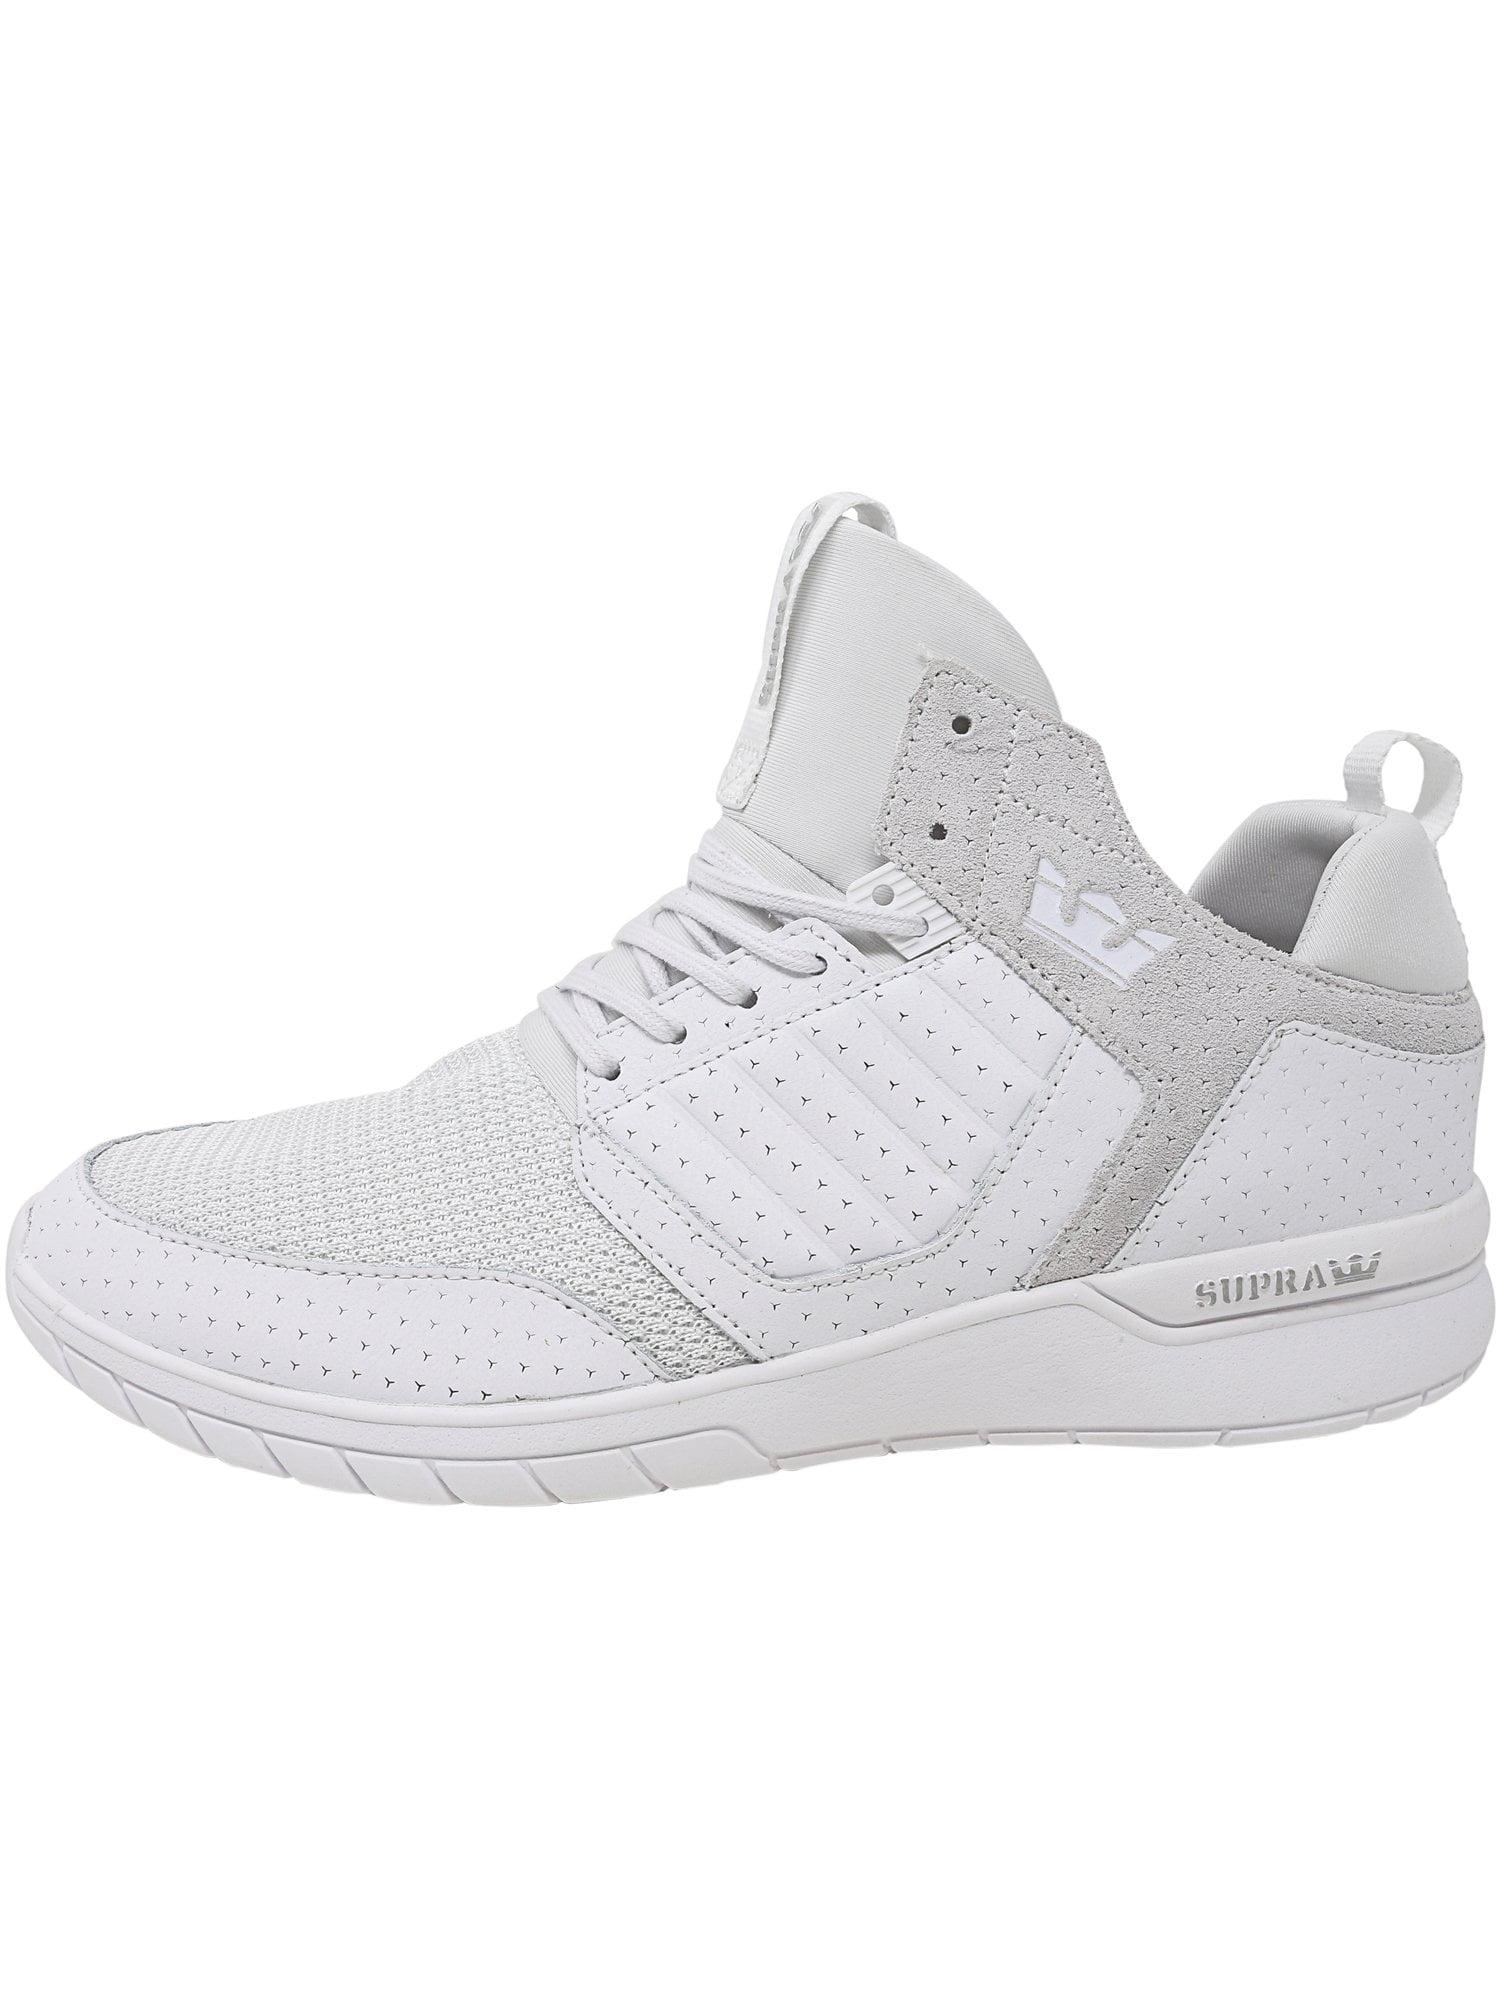 Supra Men's Method White / Ankle-High Leather Skateboarding Shoe - 10M